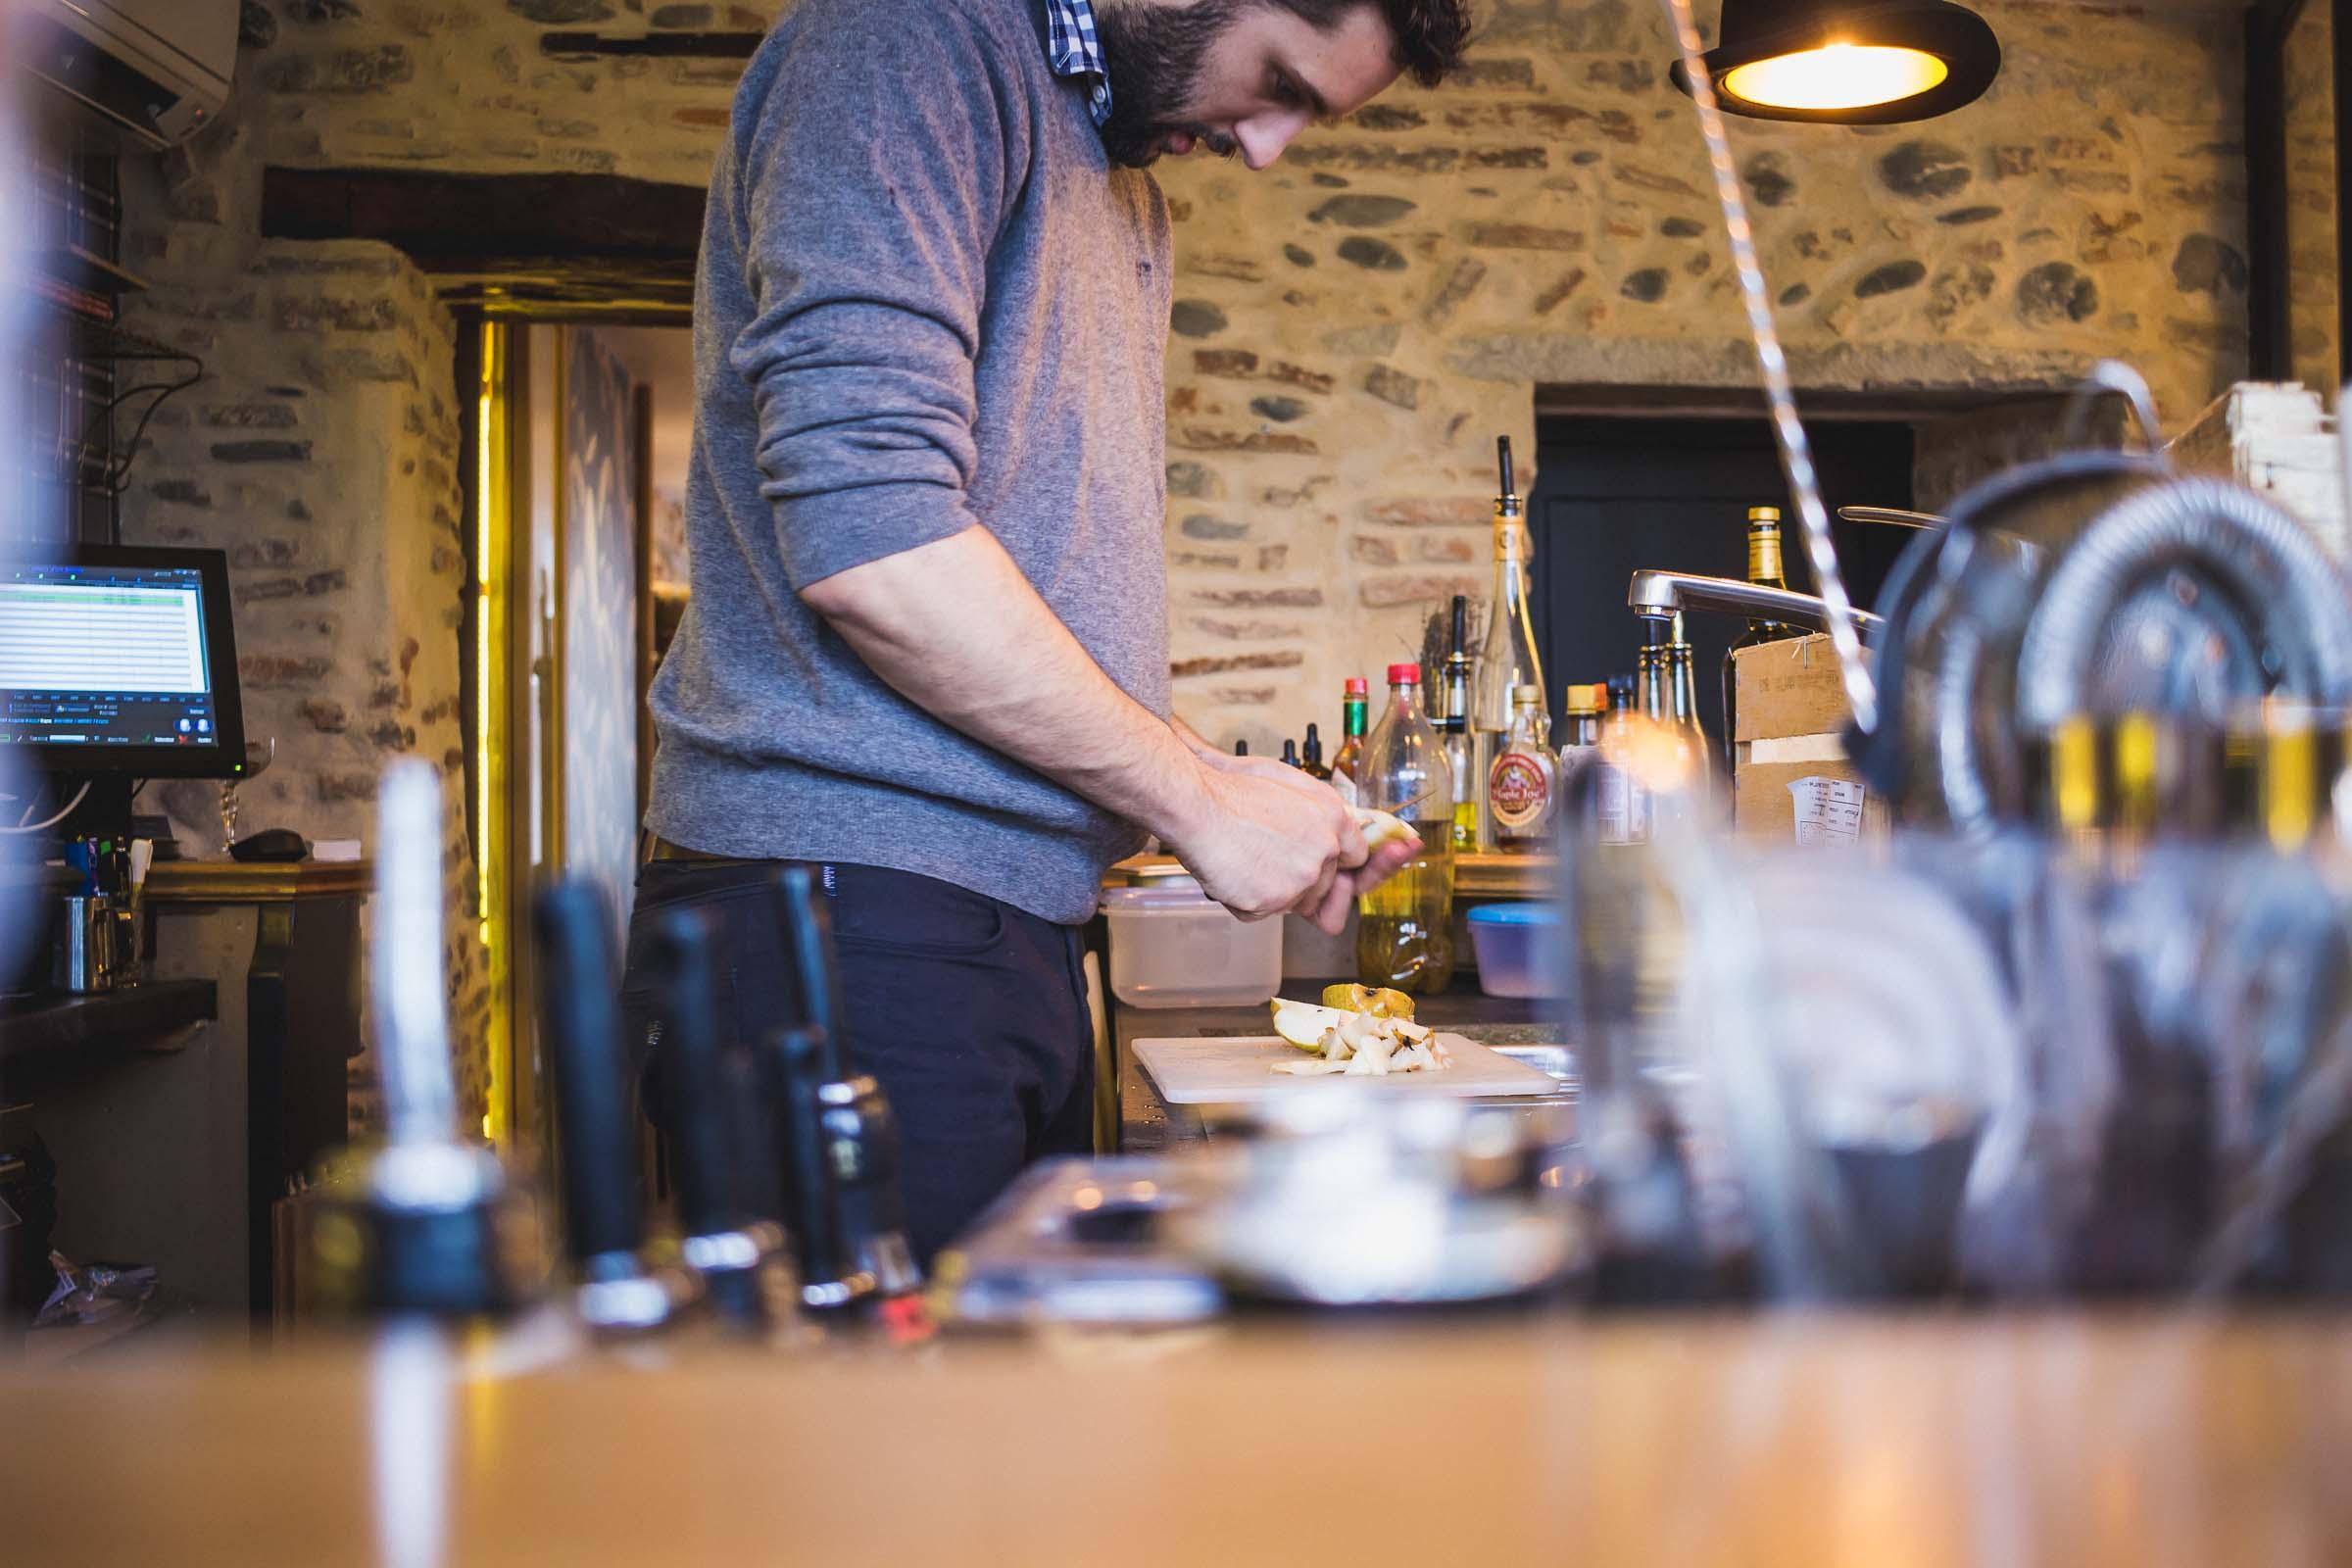 Préparation de cocktails à spiritueux au bar Snug à Pau